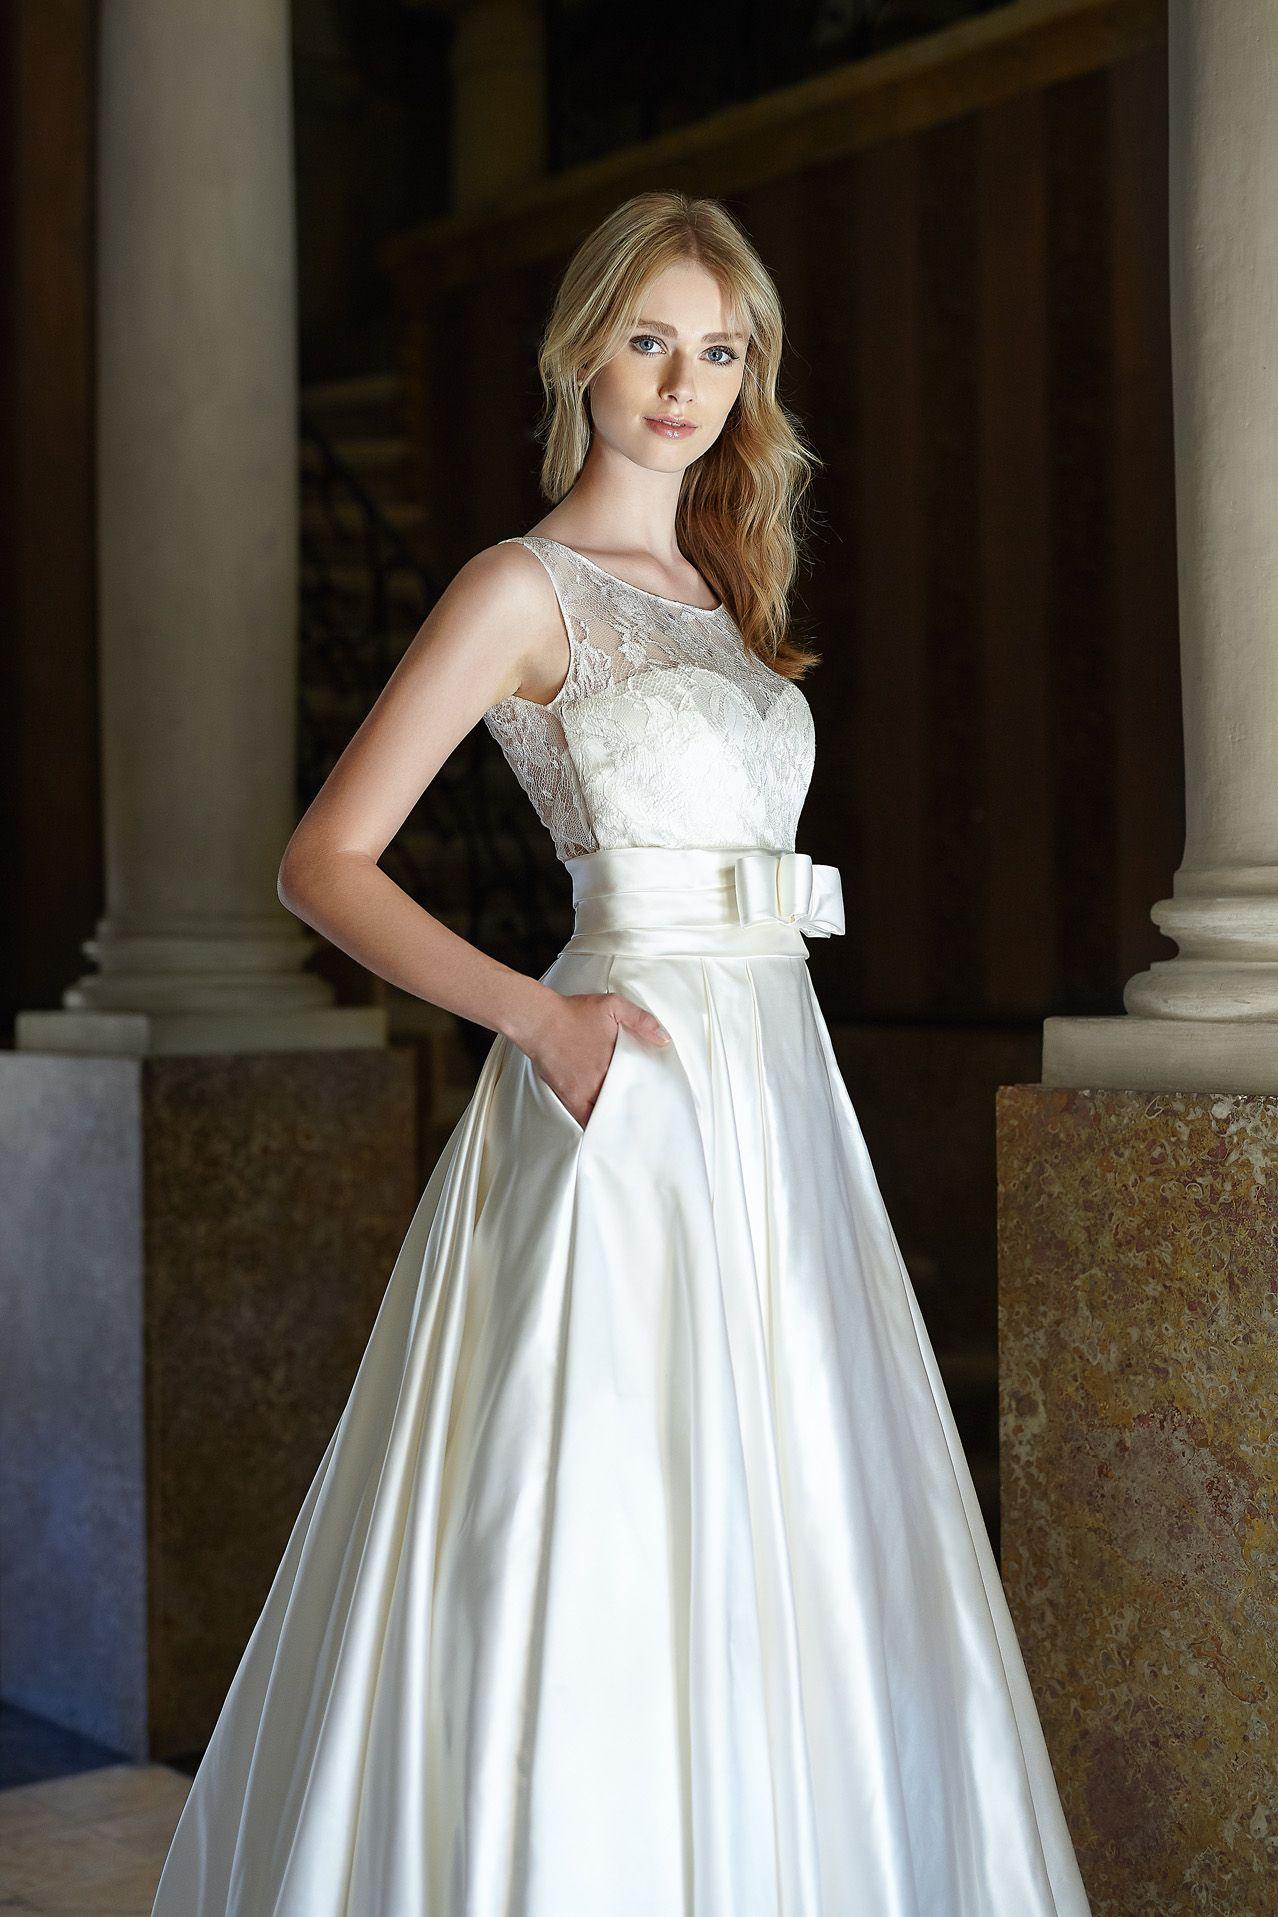 f338d499f08b MODELLO SB 0518 Prezioso abito da sposa in douchesse di seta pura con  bustino in pizzo